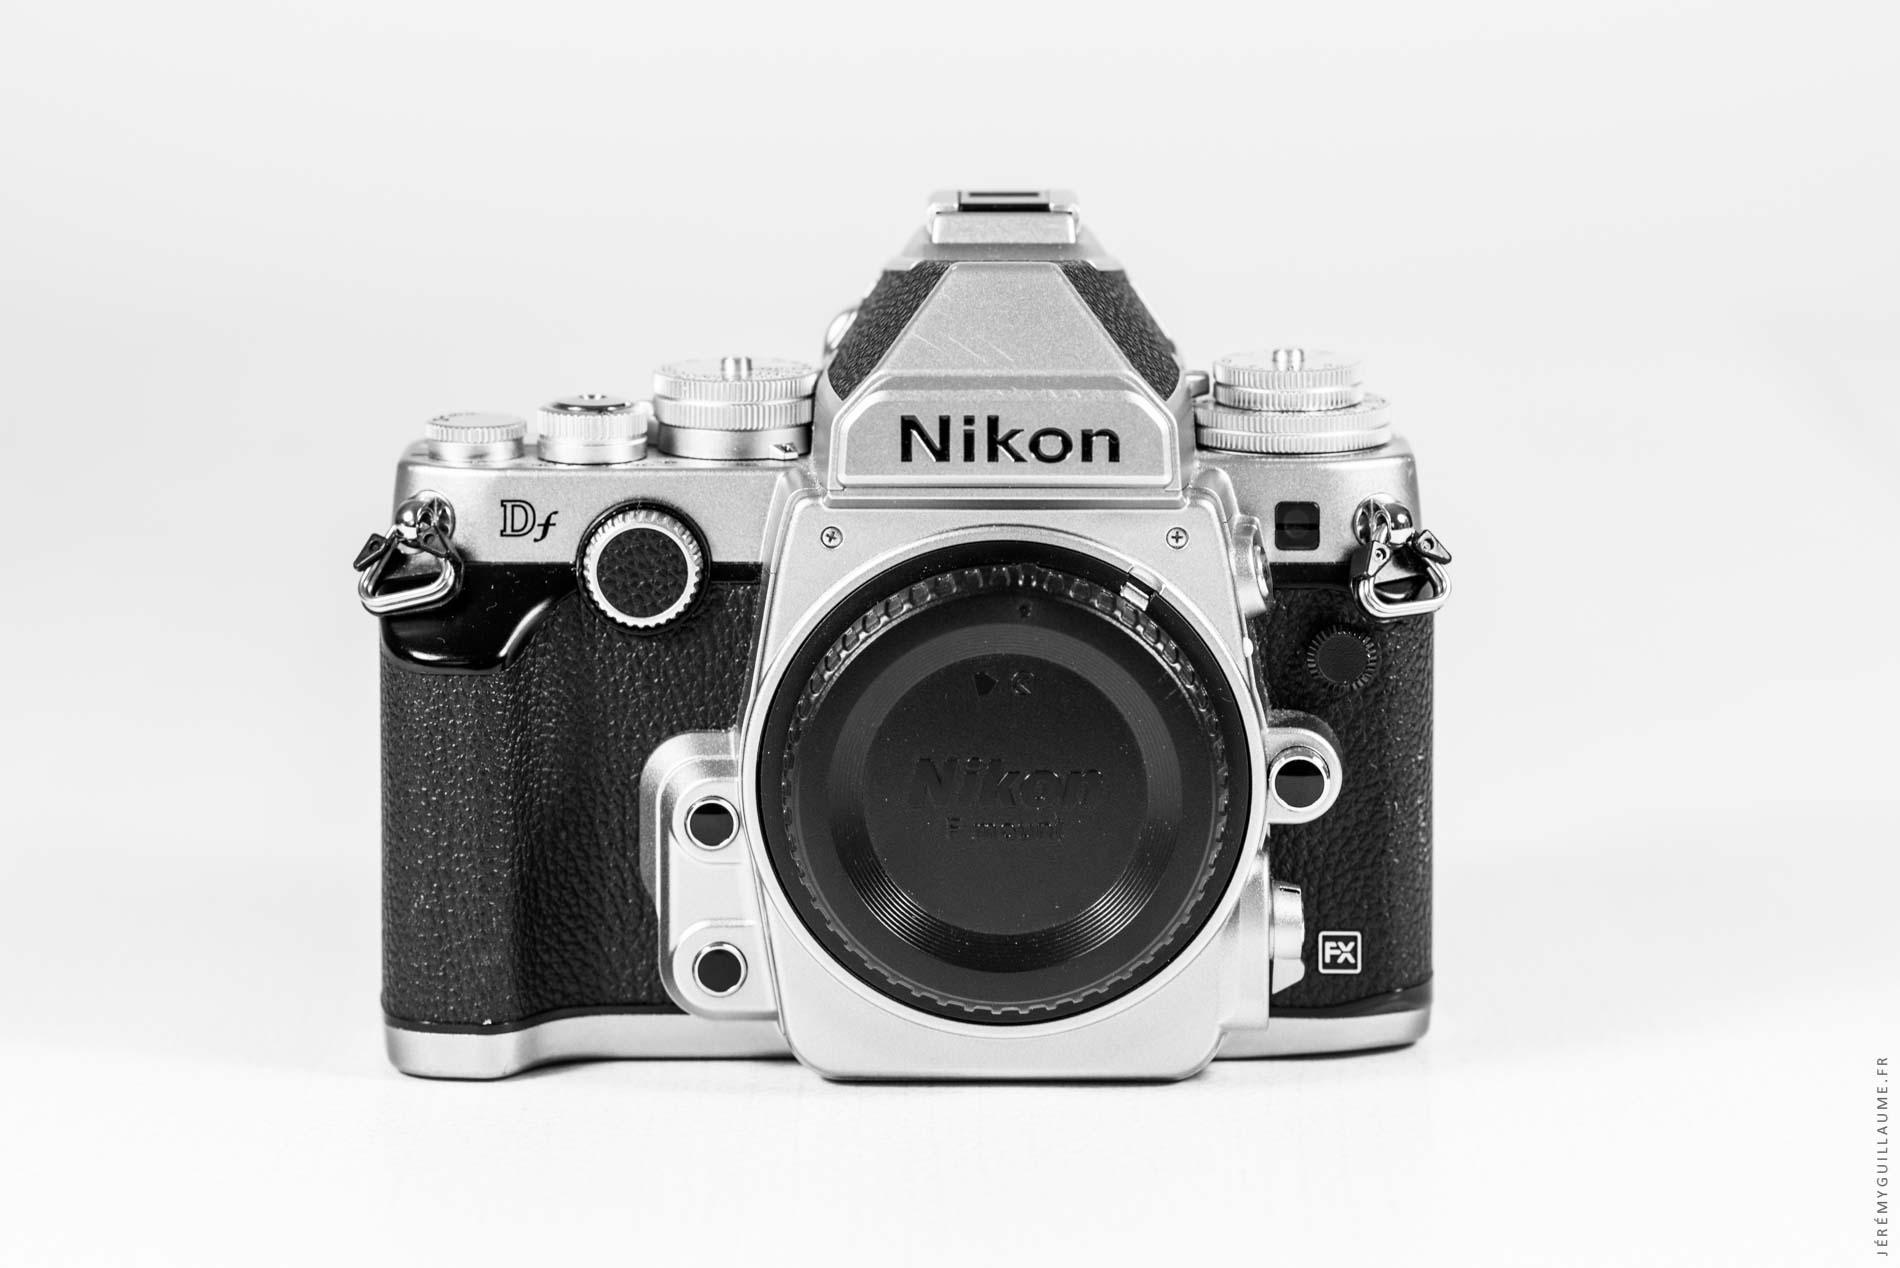 Nikon Df | Mon avis après une saison de mariage